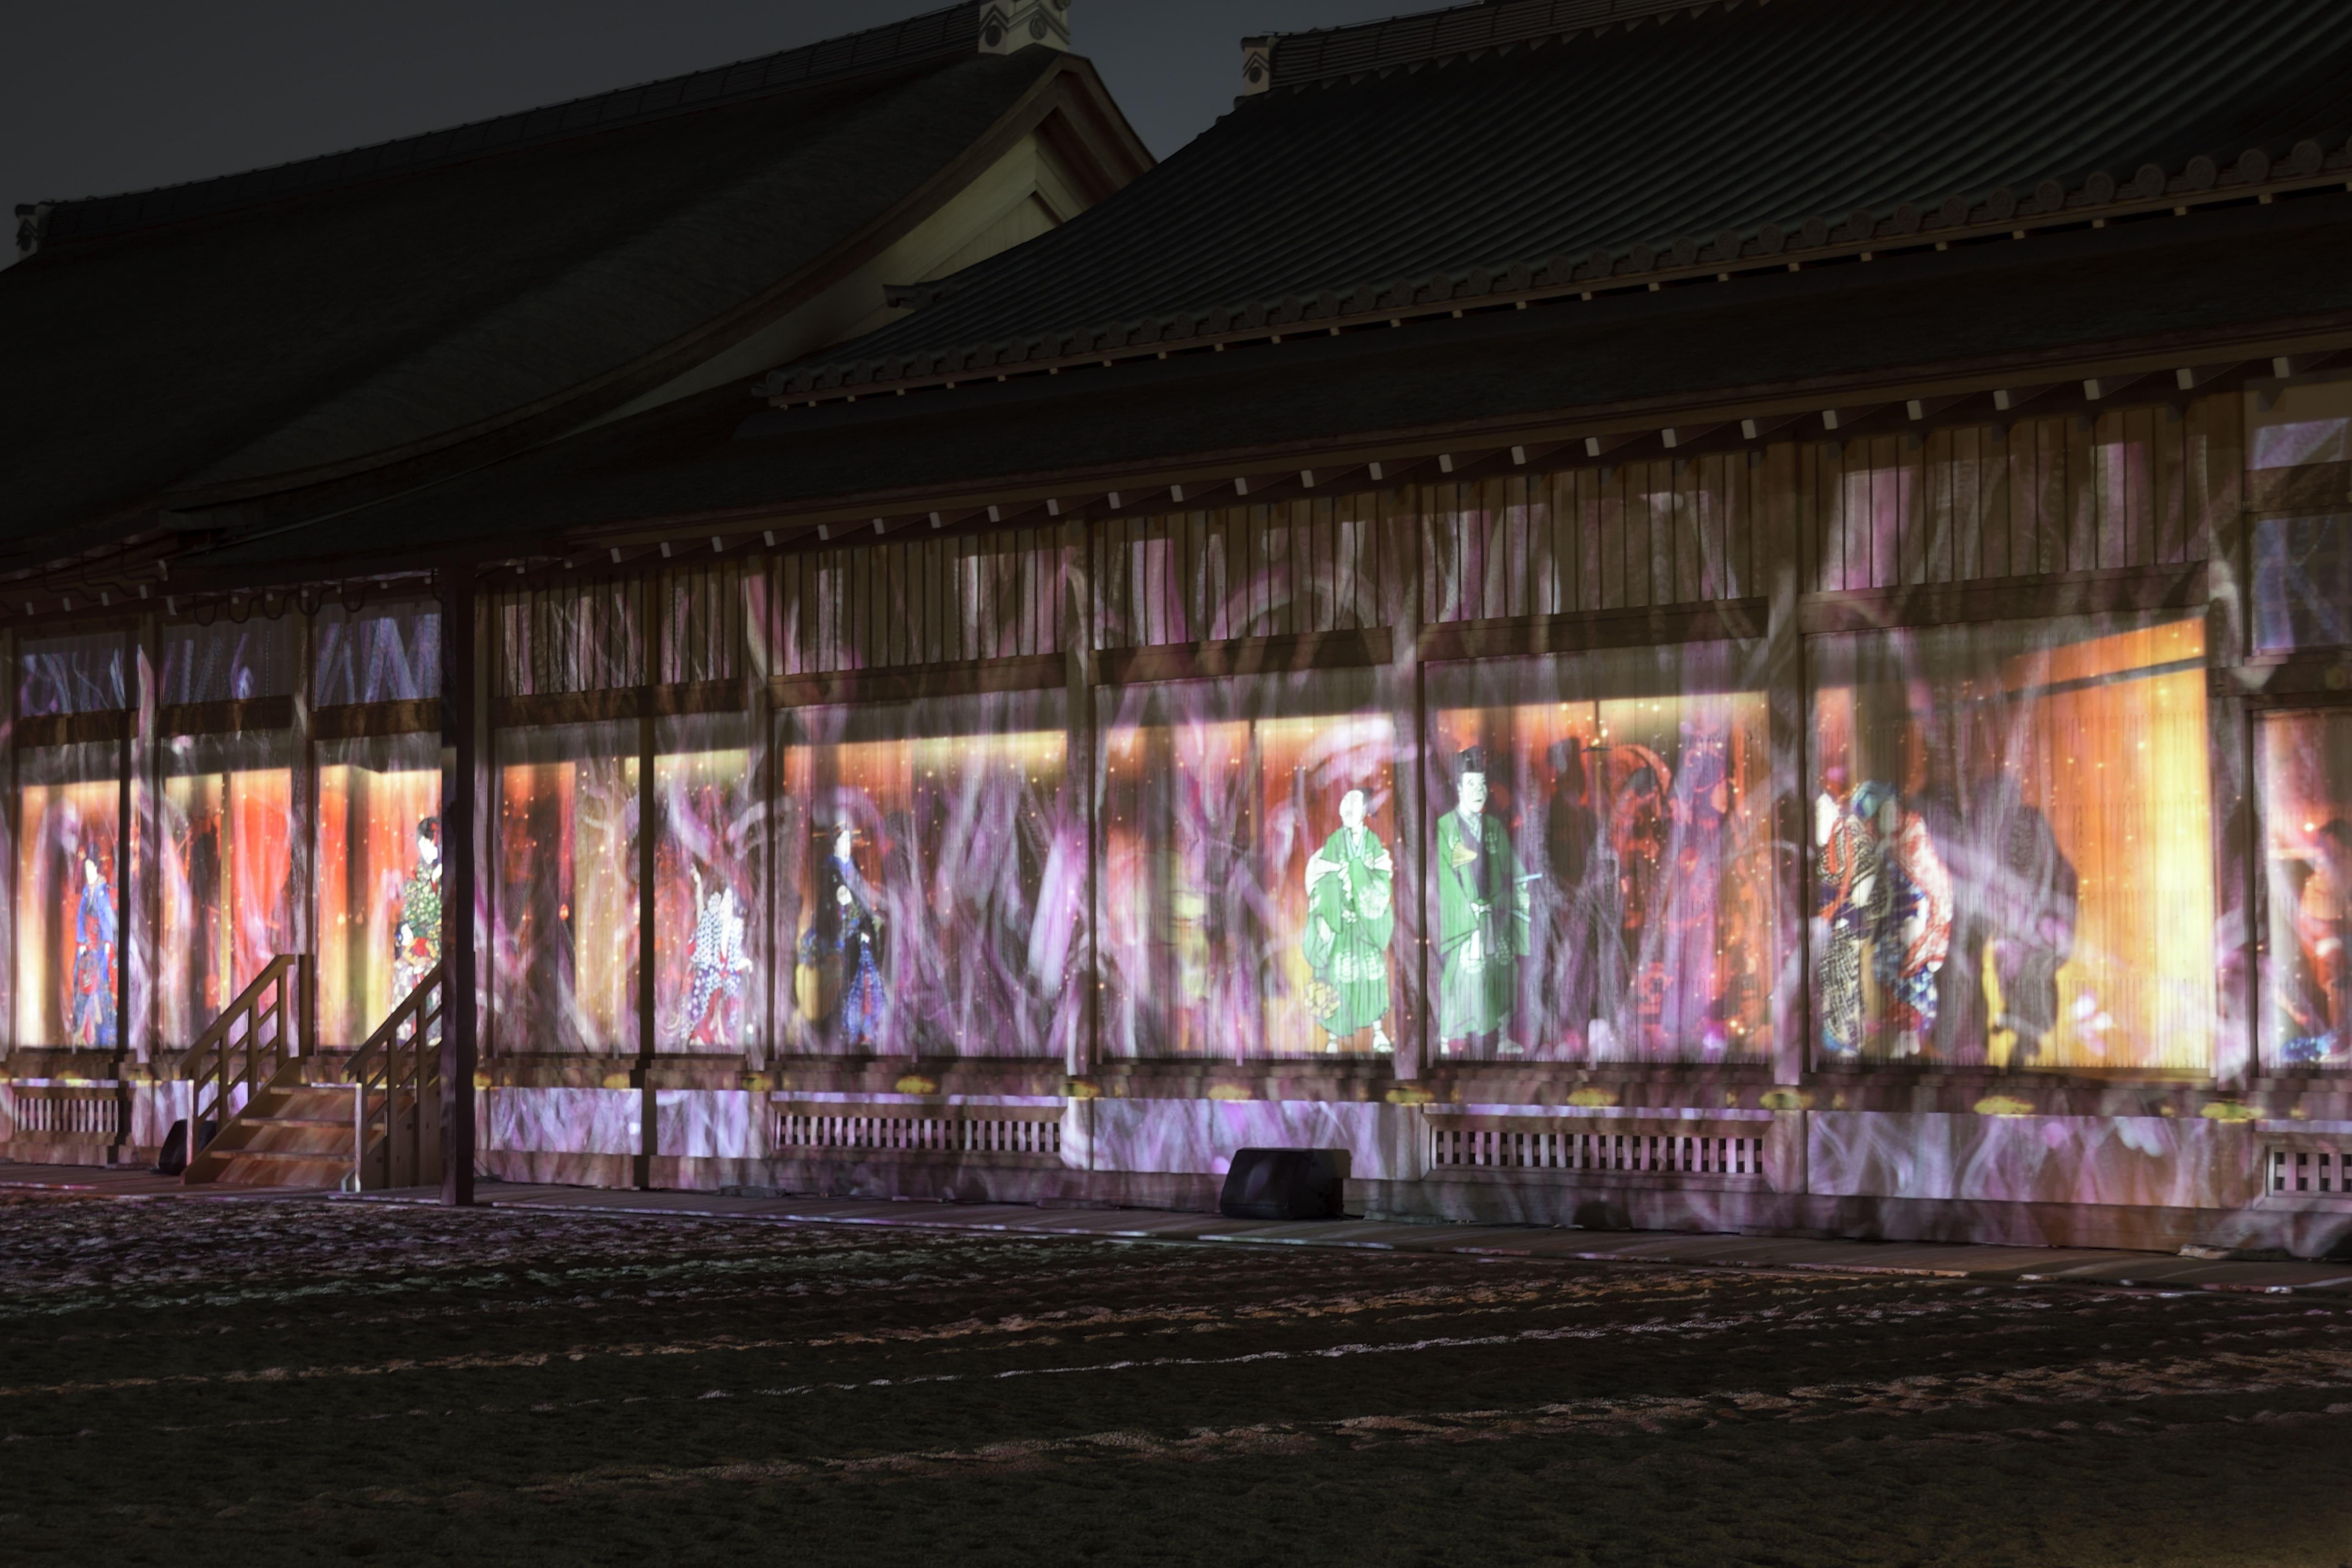 12月16日(日)まで、「名古屋城×NAKED」魅惑の夜景イベントを満喫してきた - DSC2433 min